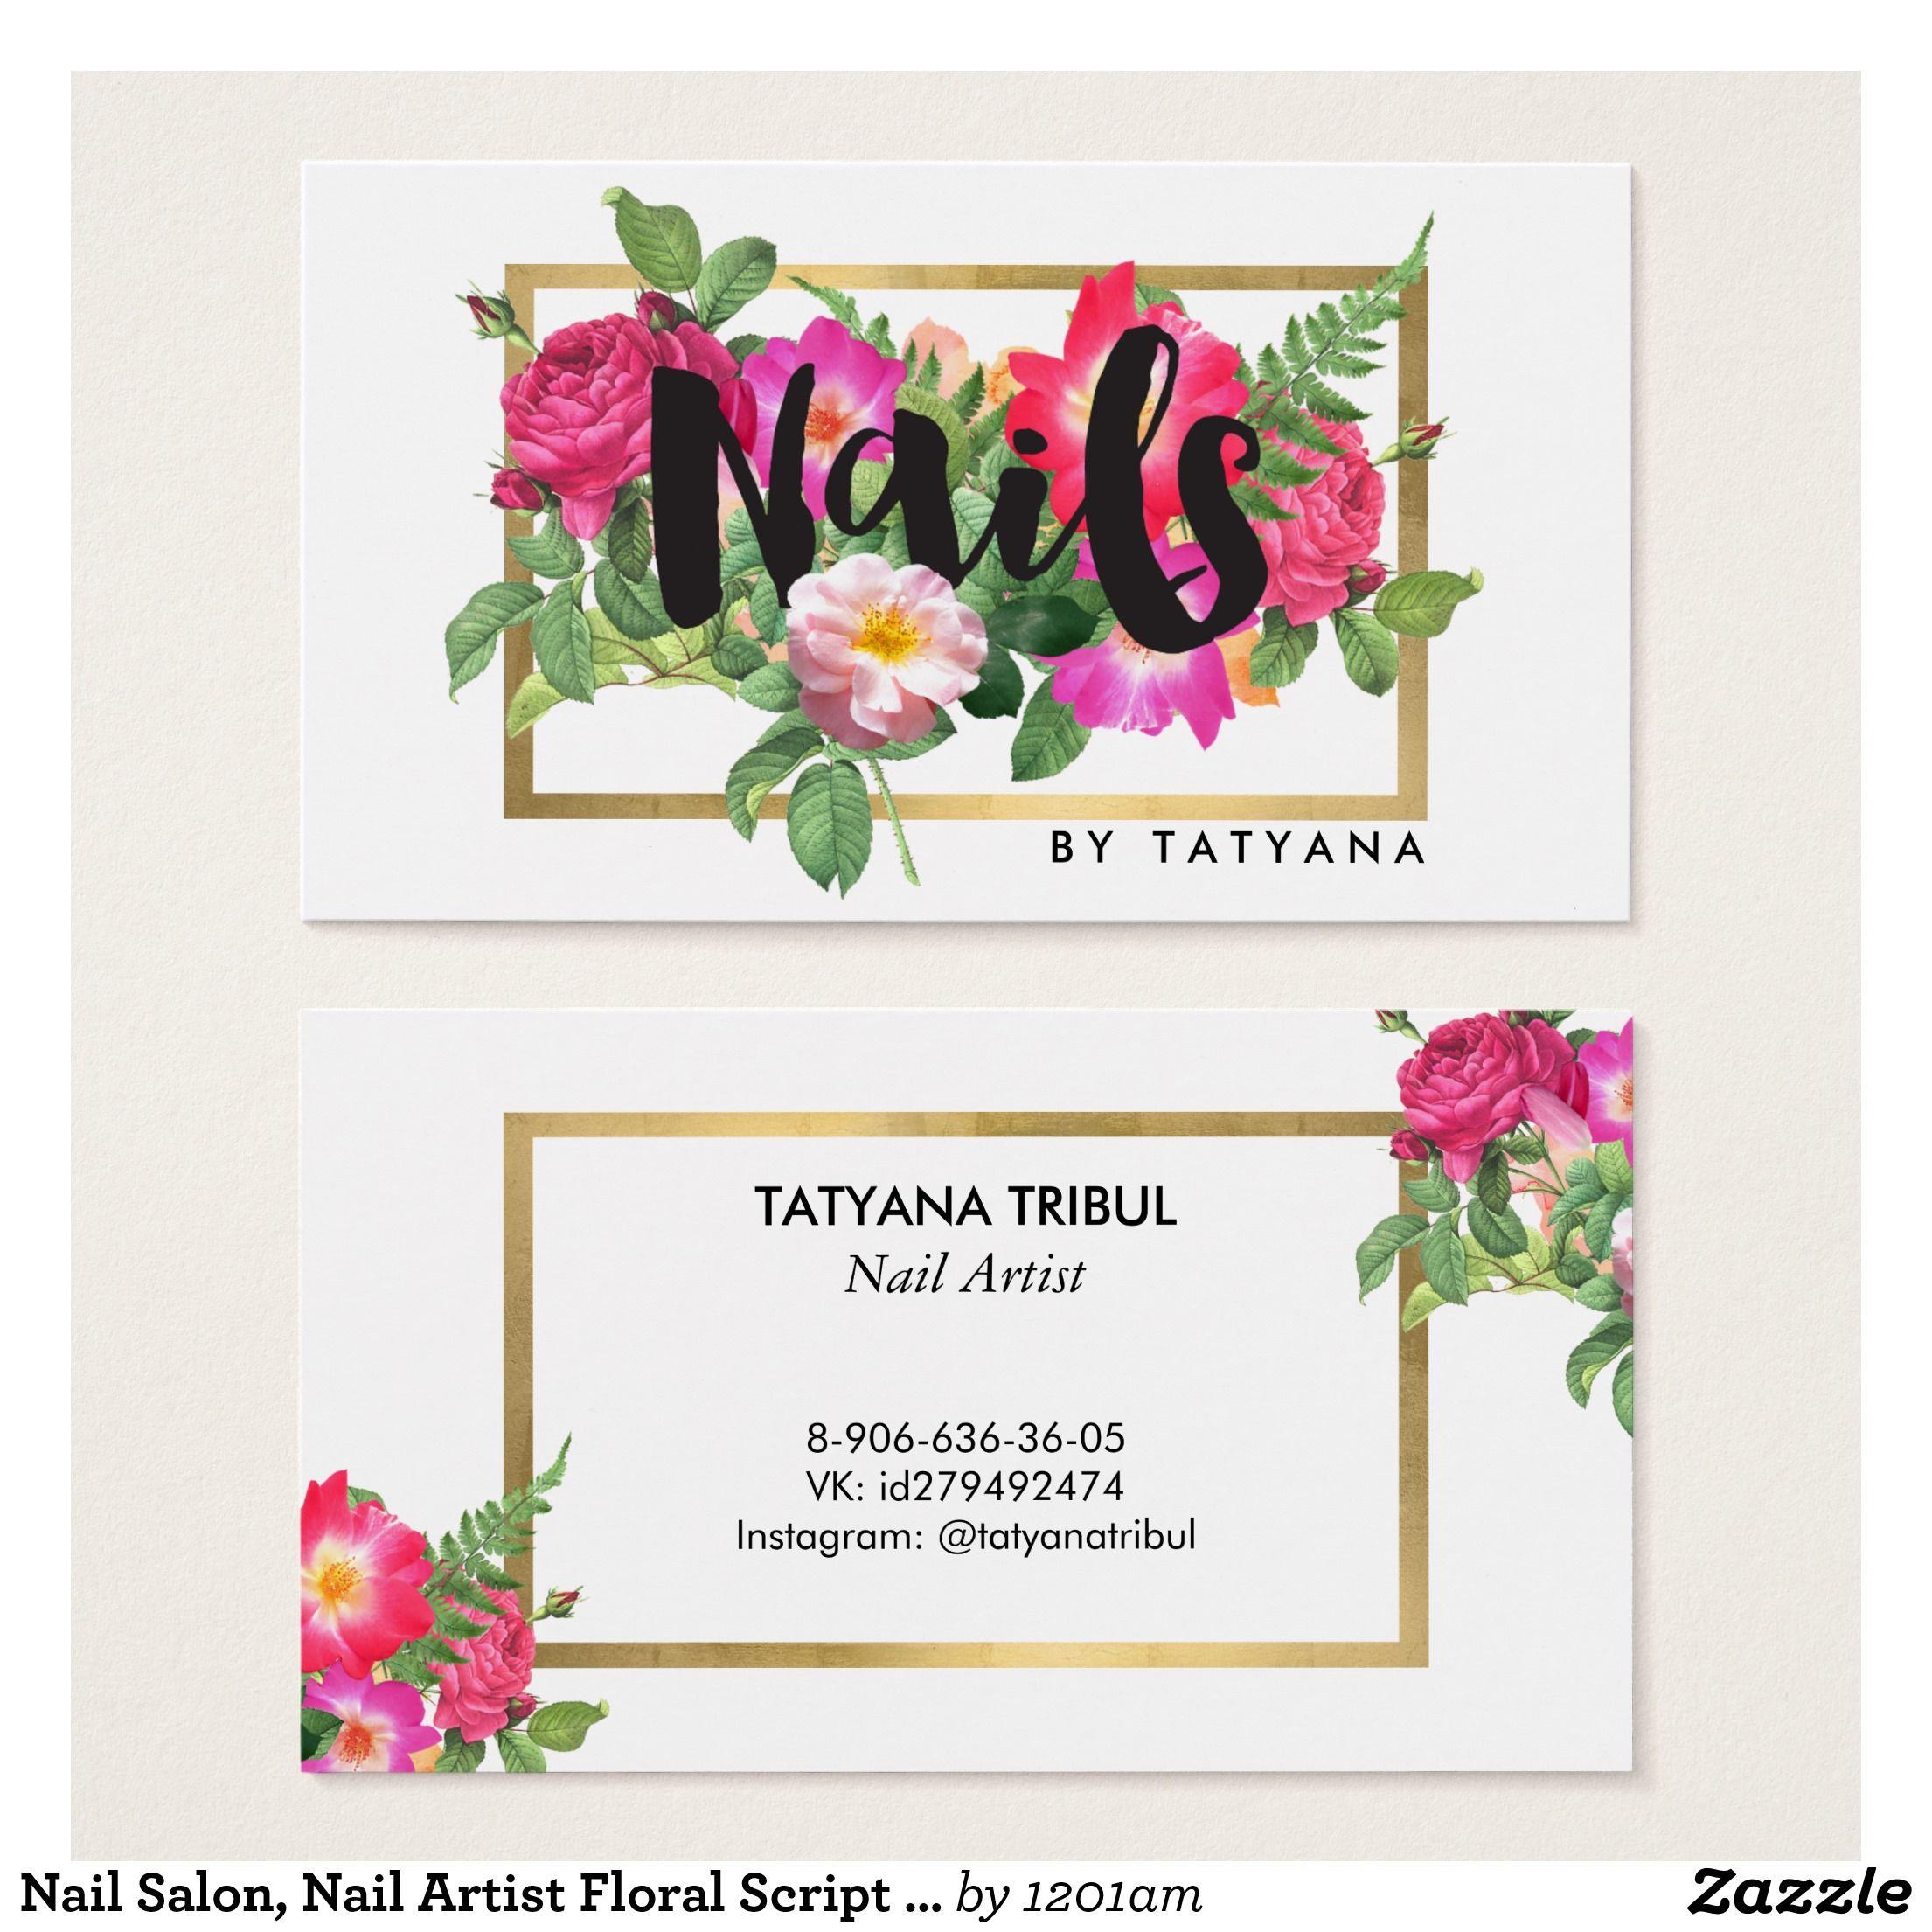 nail salon nail artist floral script text white business card